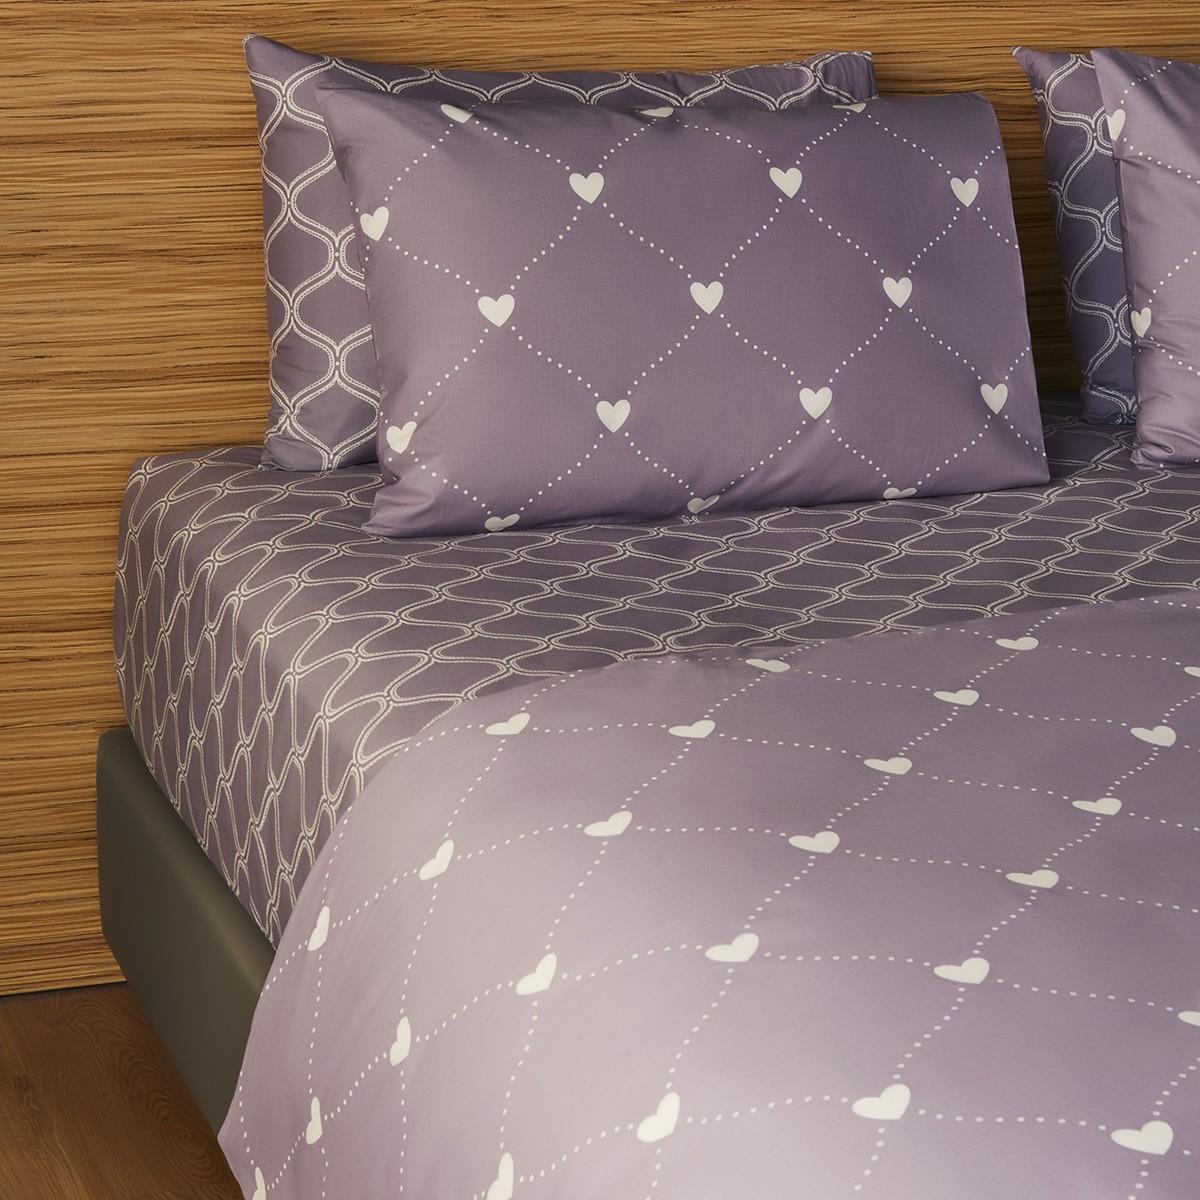 Σεντόνια Υπέρδιπλα (Σετ) Melinen 12867 Purple